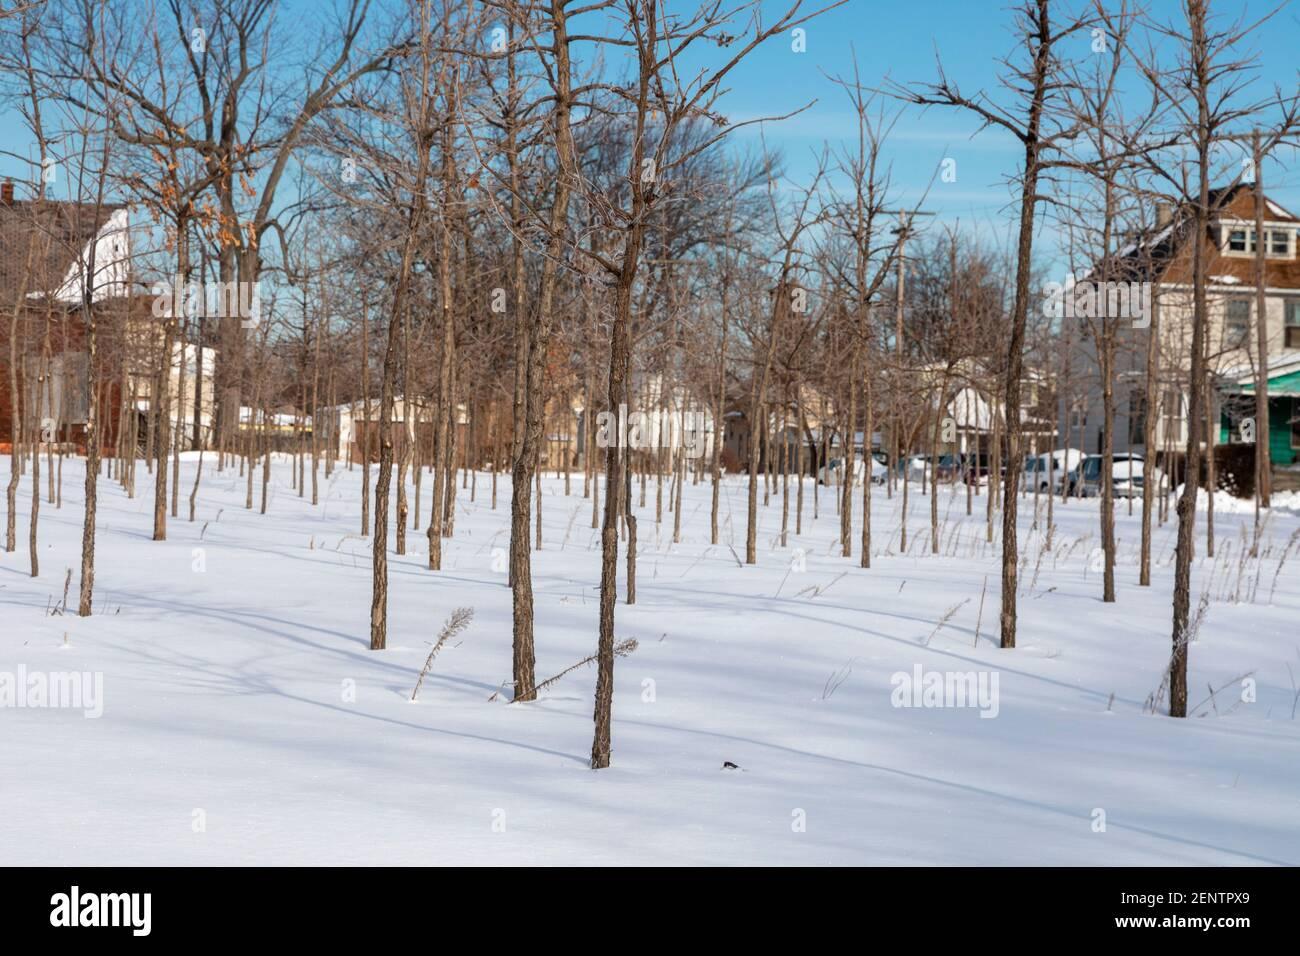 Detroit, Michigan - Bäume im Winter, Teil der Hantz Woodlands Baumfarm. Die riesige Menge an leerem Land in Detroit hat es dem Unternehmen erlaubt, mit Vol Stockfoto